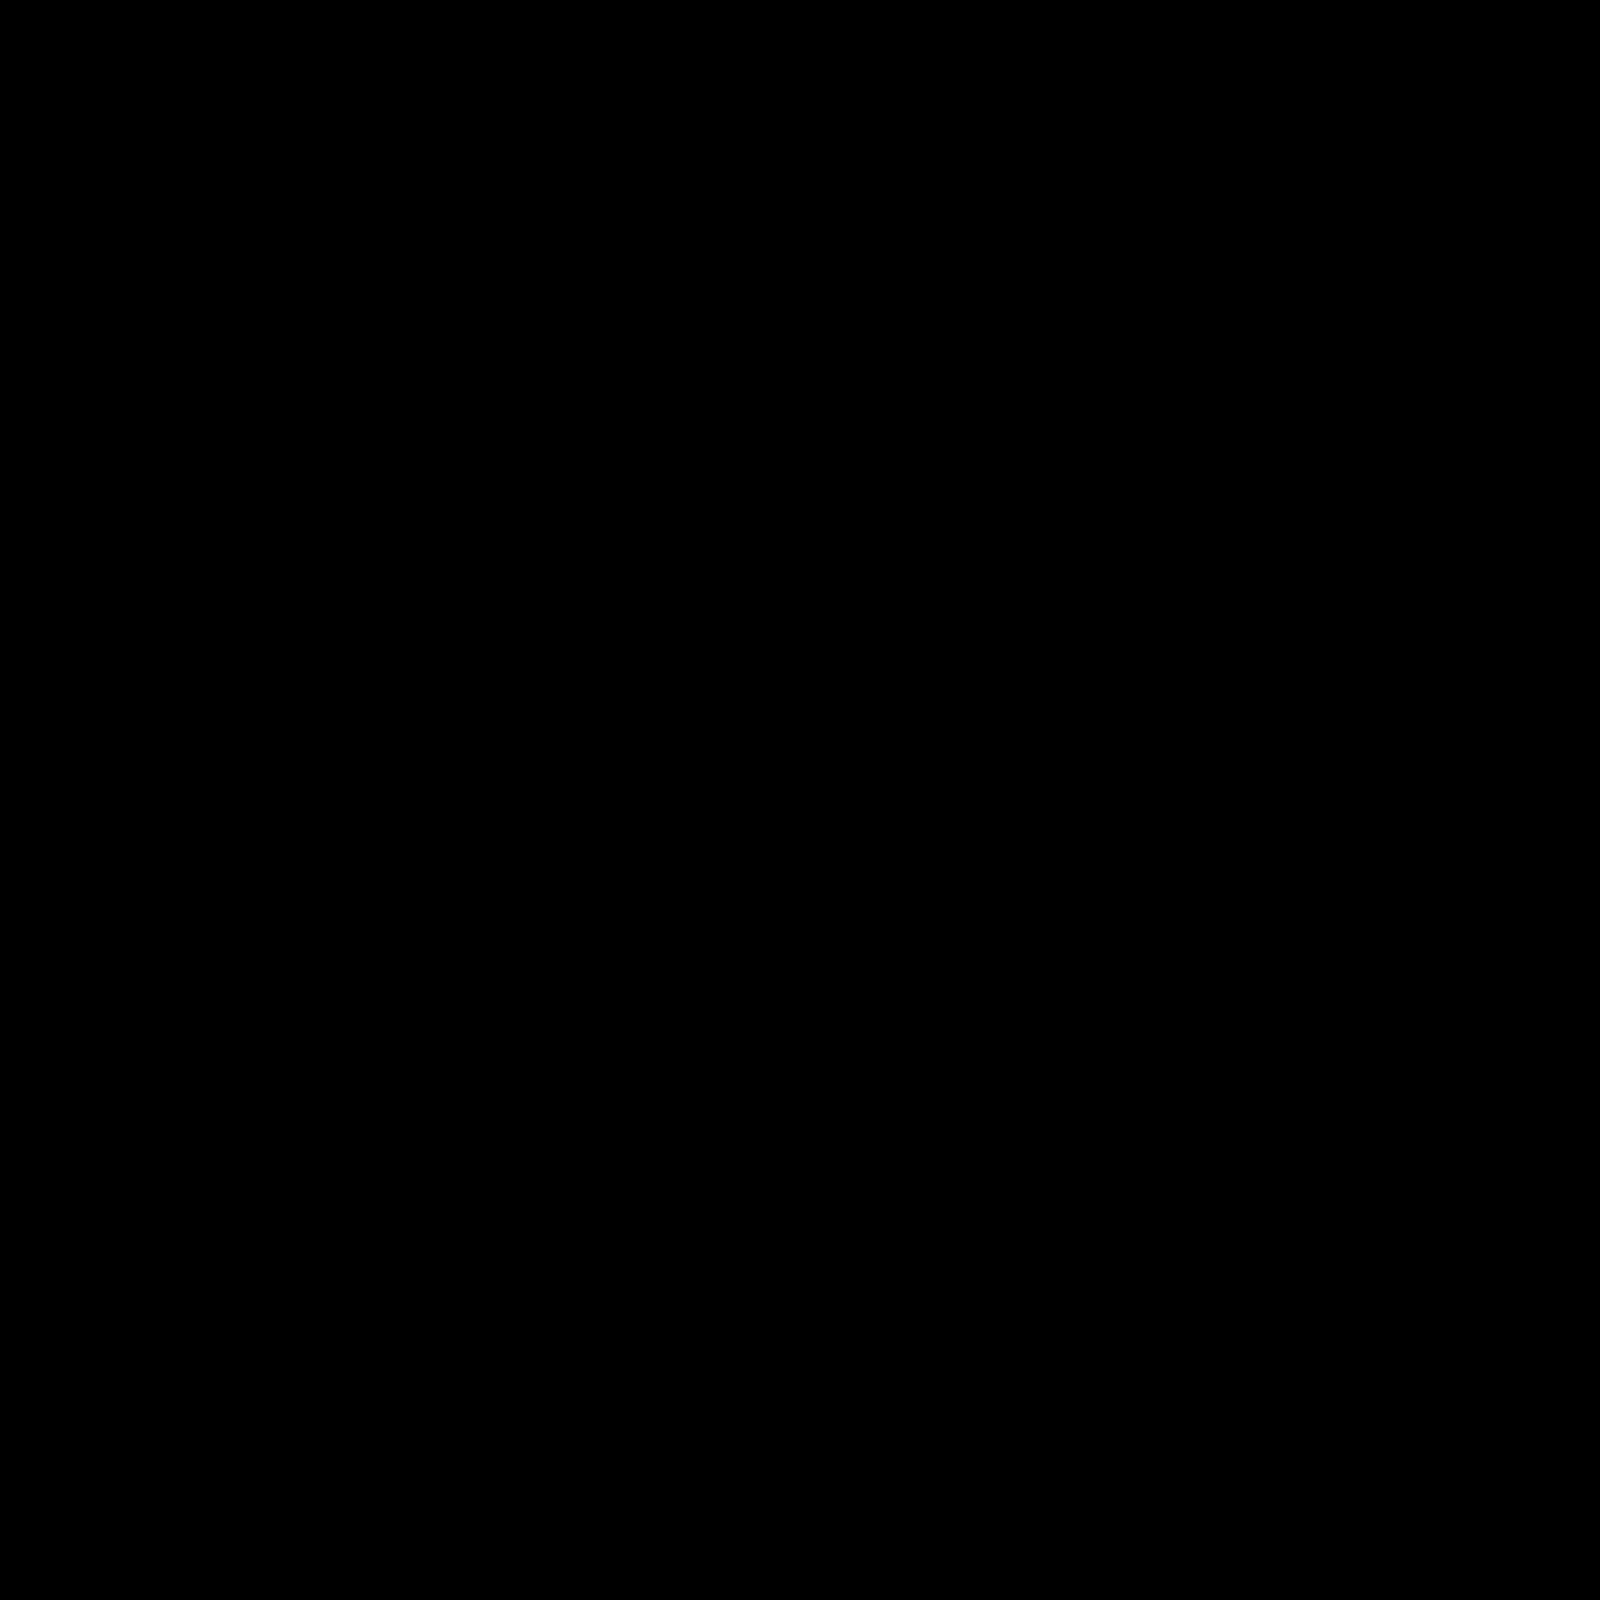 监工 icon